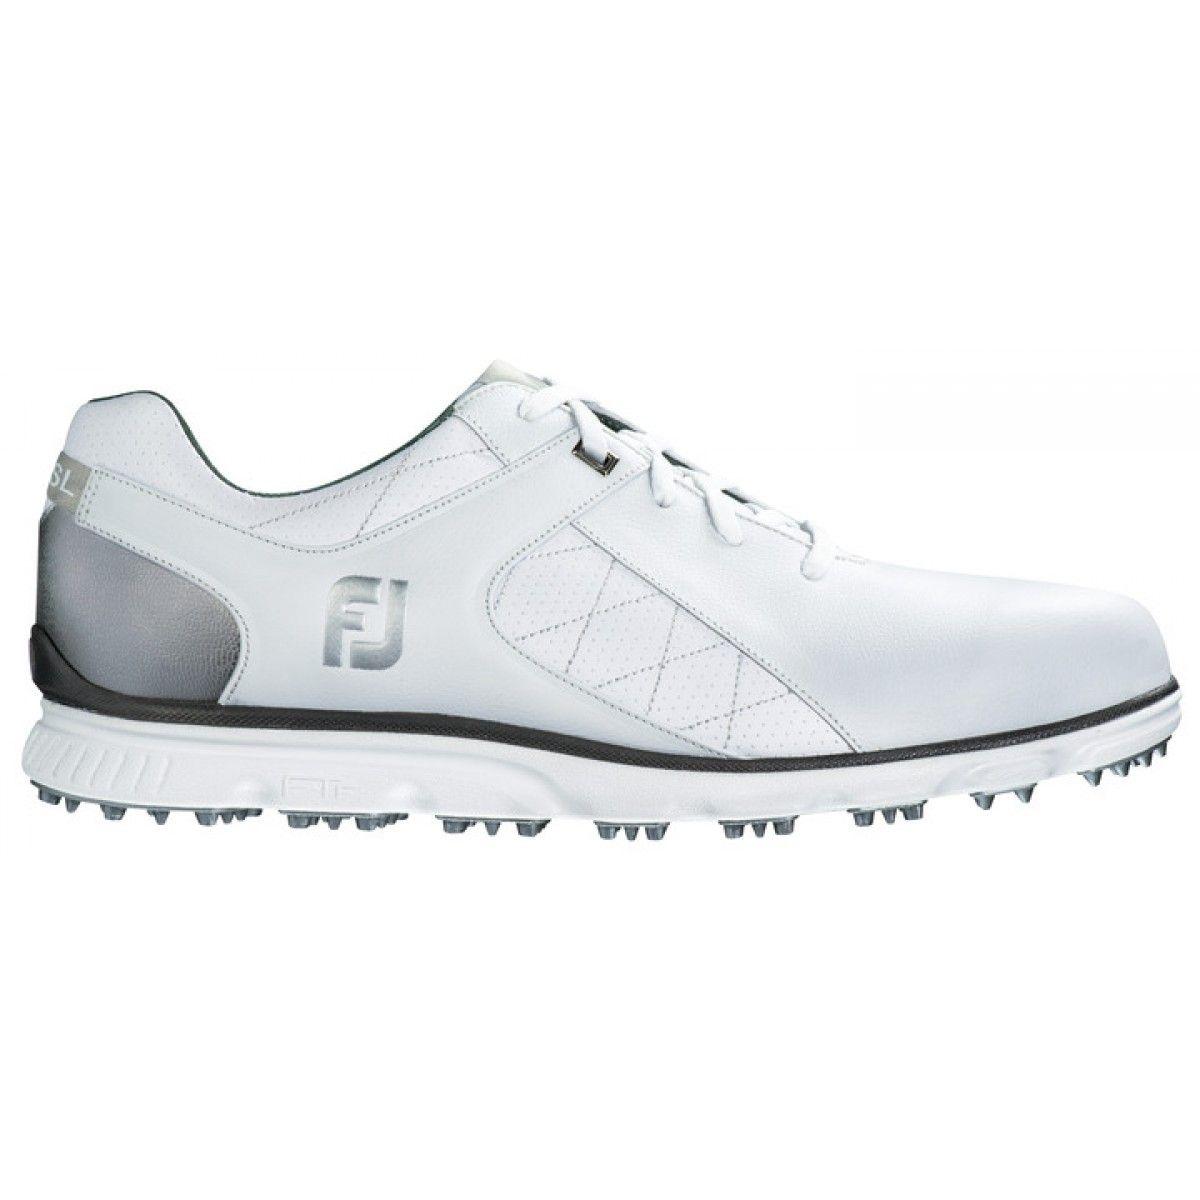 FootJoy Pro/SL 53579 White/Silver Golf